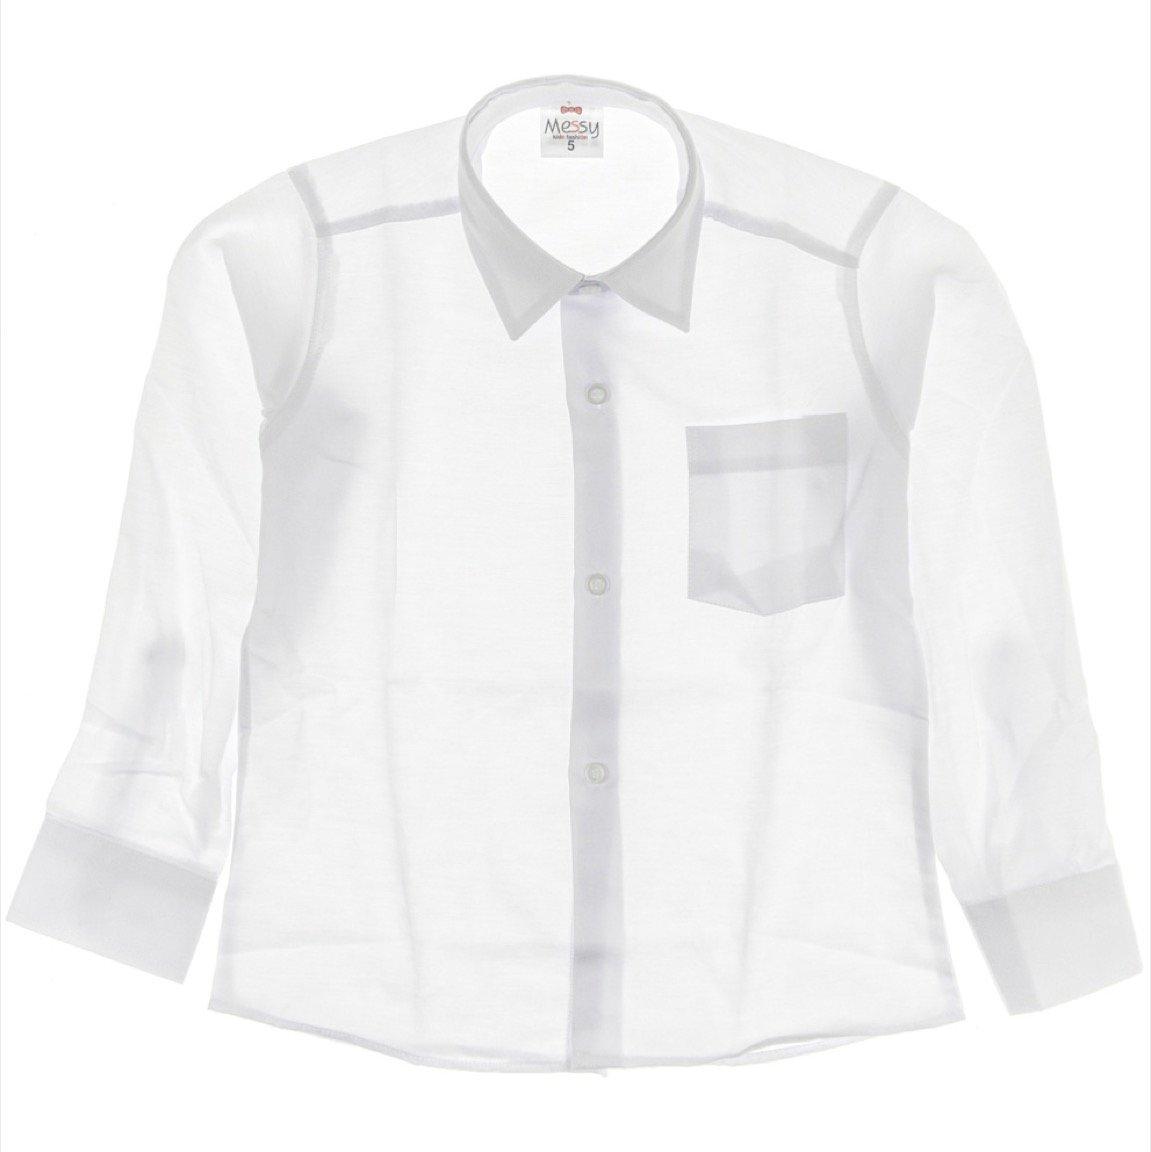 Messy παιδικό πουκάμισο λευκό «Celebrate»